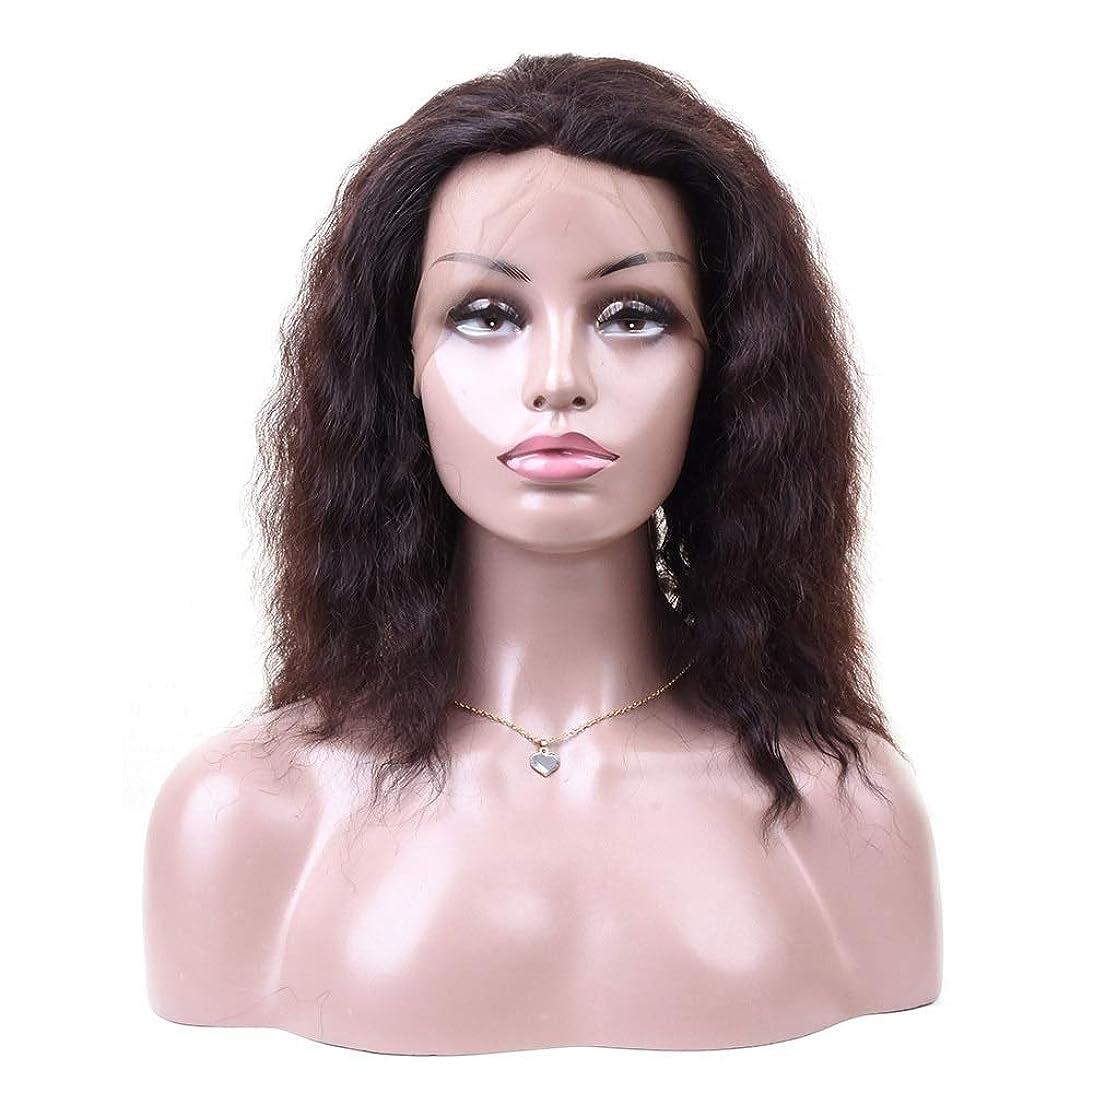 かる文字贈り物WASAIO 女性の自然なレースのヘアエクステンションクリップの正面閉鎖難解ウェーブレース前頭人毛ウィッグUnseamed (色 : 黒, サイズ : 20 inch)